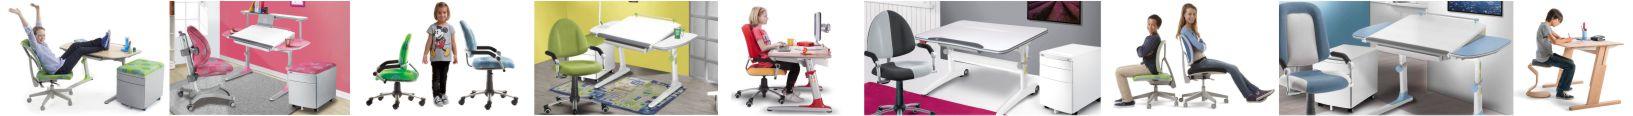 Augantys vokikiški baldai vaikams. Kėdės vaikams. Augantis stalas